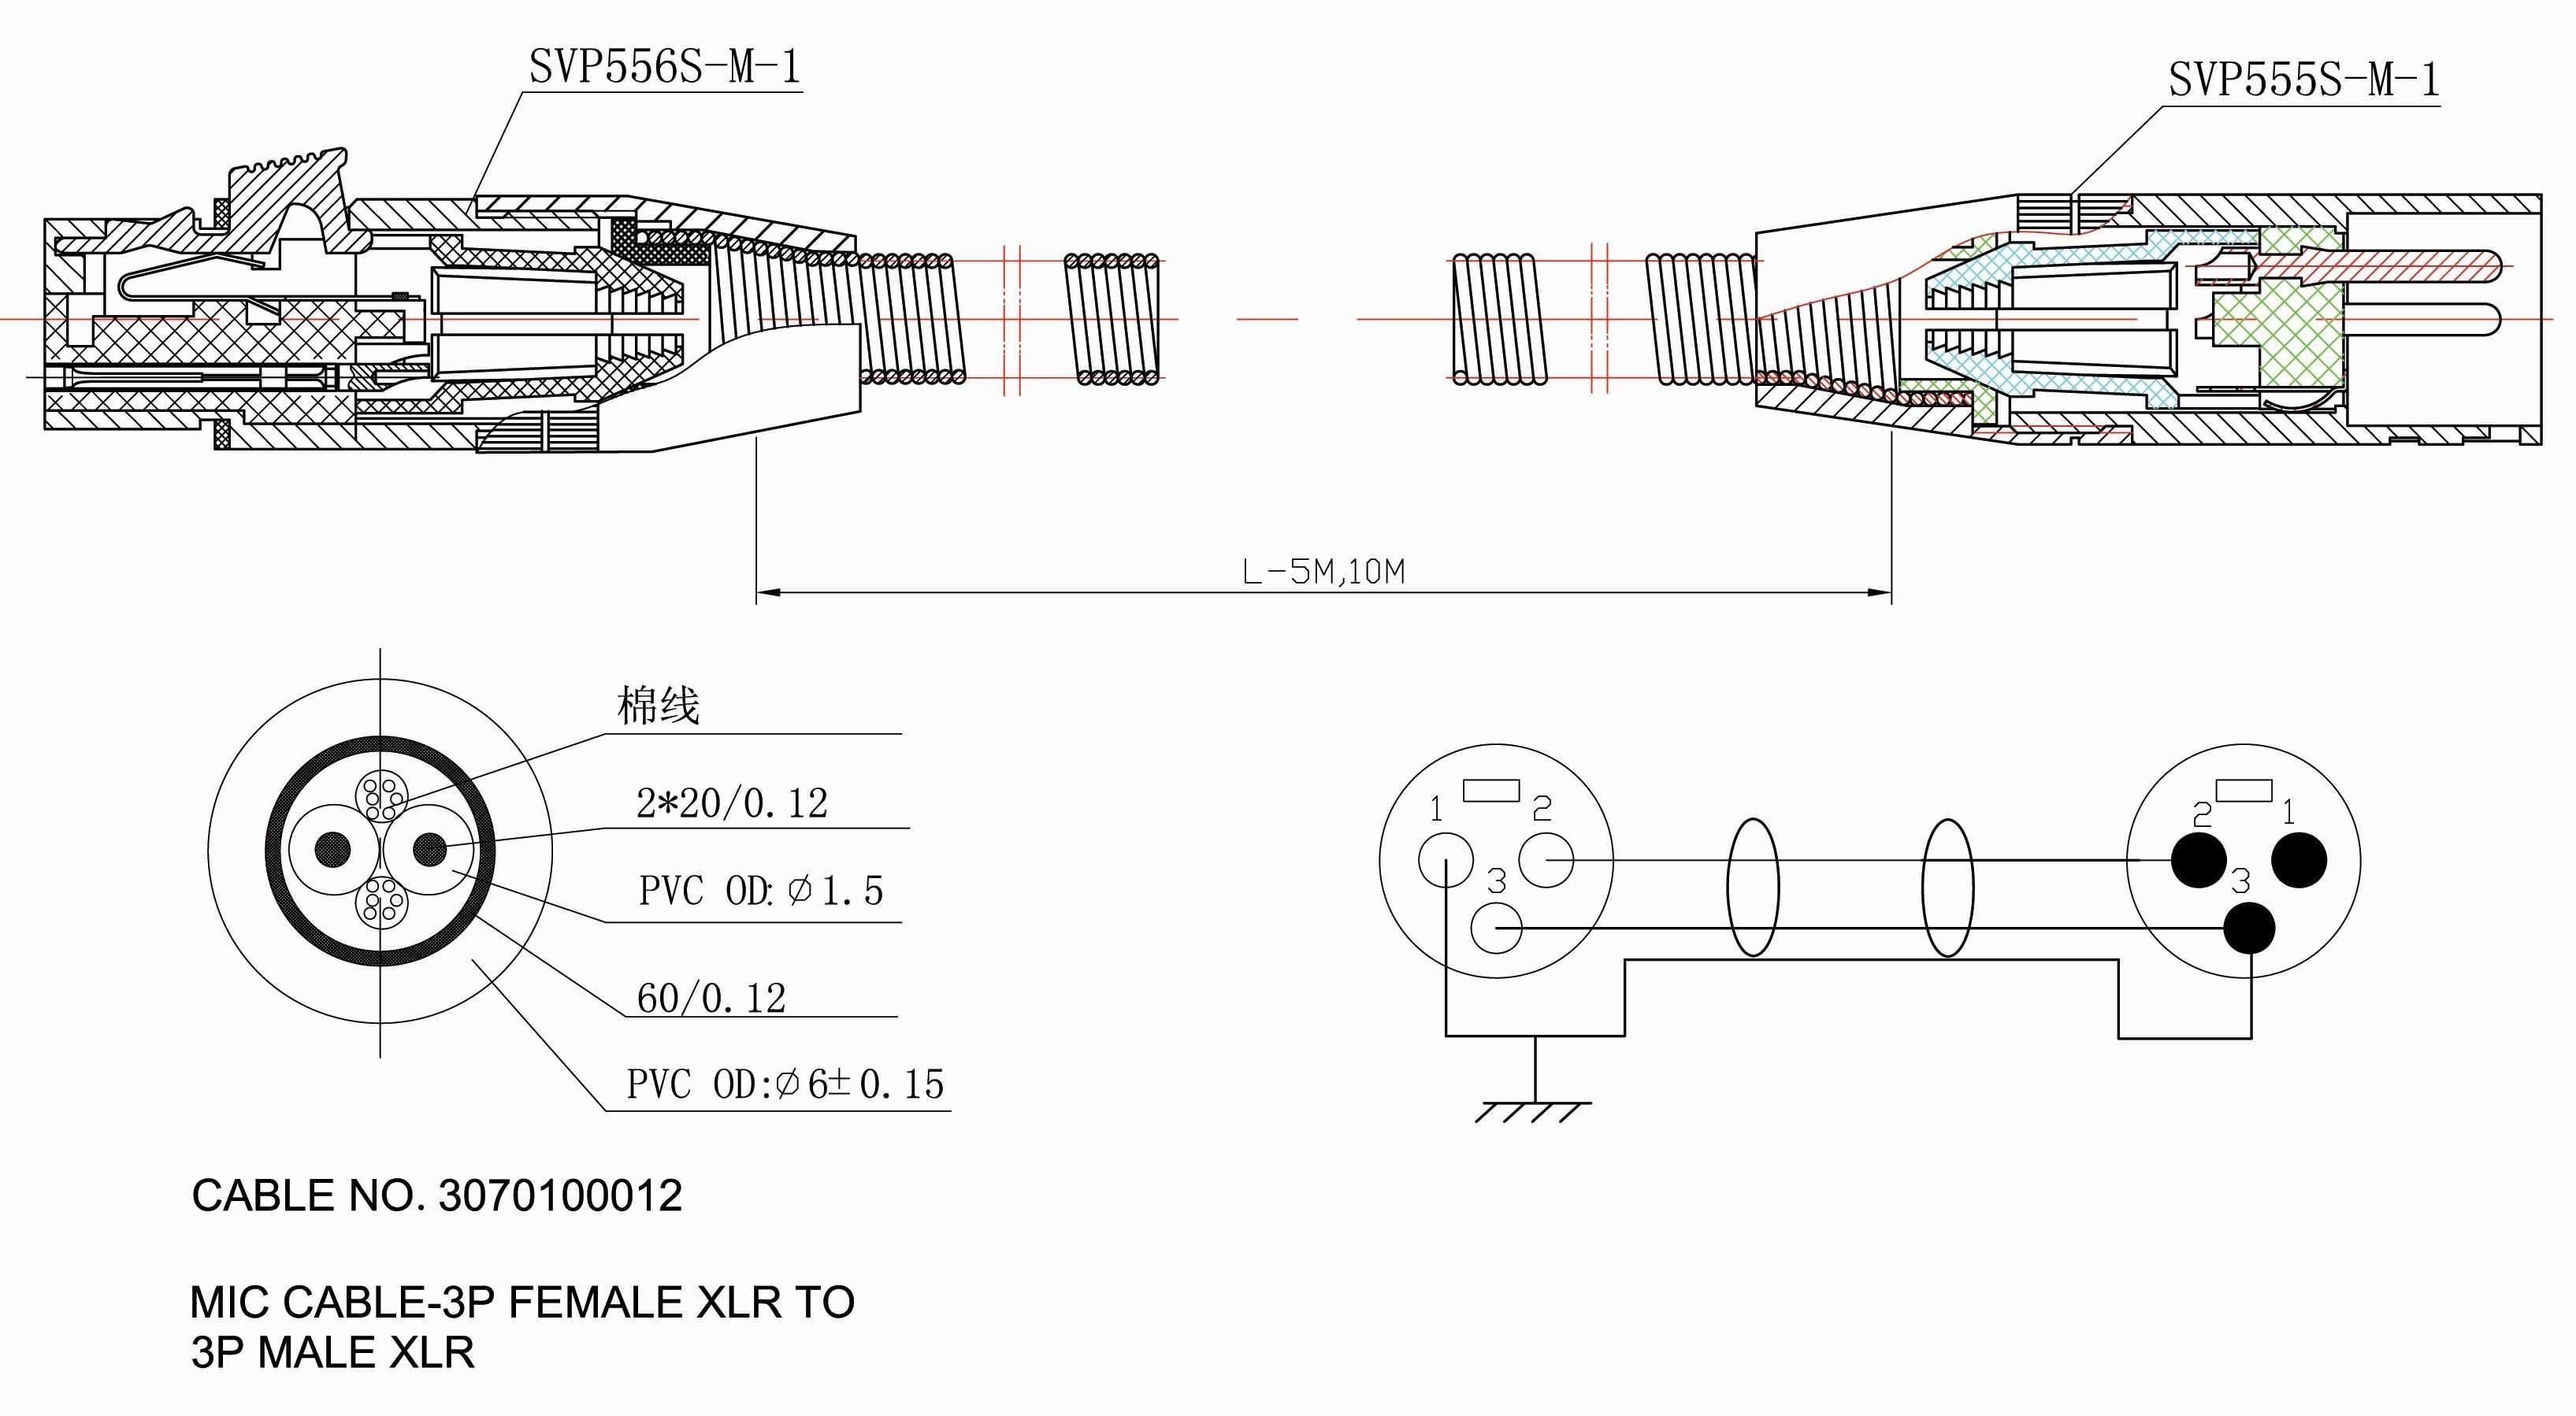 Wiring Diagram for Frigidaire Refrigerator 88 Fresh Wiring Diagram for Frigidaire Dryer Graphics Of Wiring Diagram for Frigidaire Refrigerator